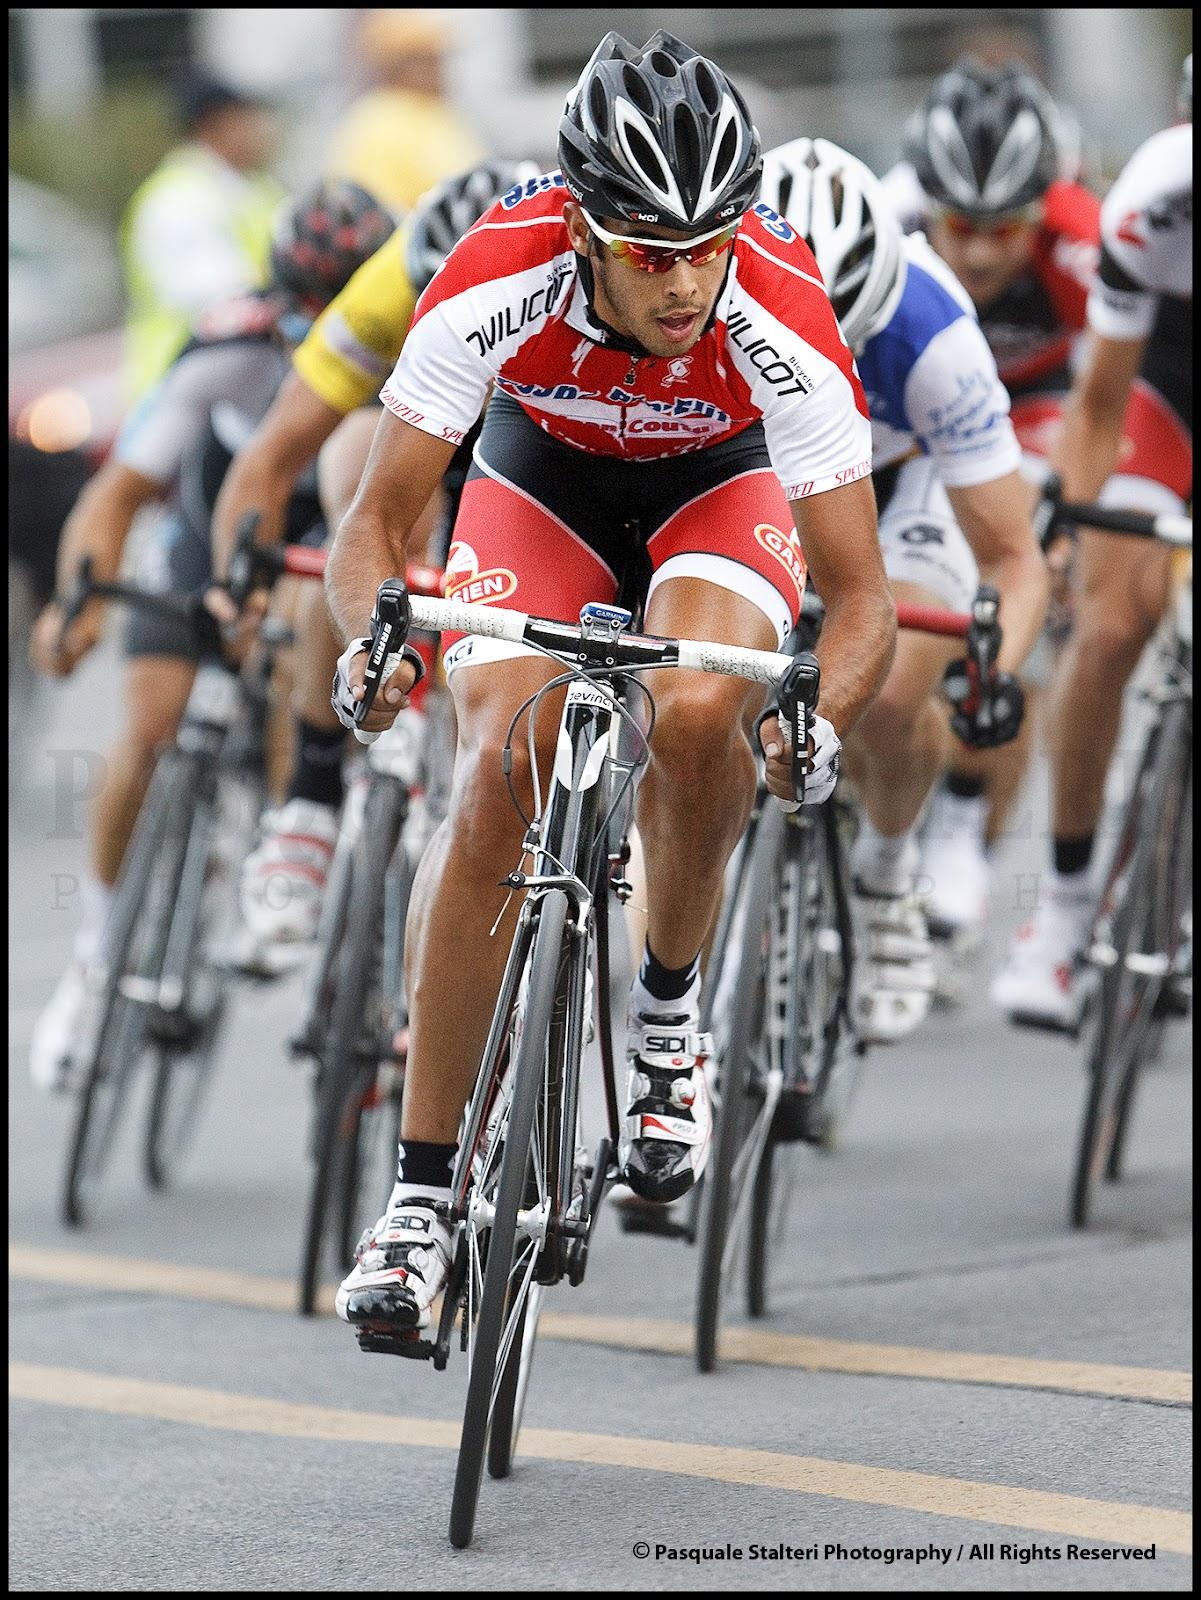 http://2.bp.blogspot.com/-A6wlQaJGNHk/UCHWQ30fNFI/AAAAAAAAVz0/czeeOYPmnn8/s1600/Miroir+du+Cyclisme_Jean+Samuel+Deshaies_Pasquale+Stalteri+Photography_PAS4126.jpg